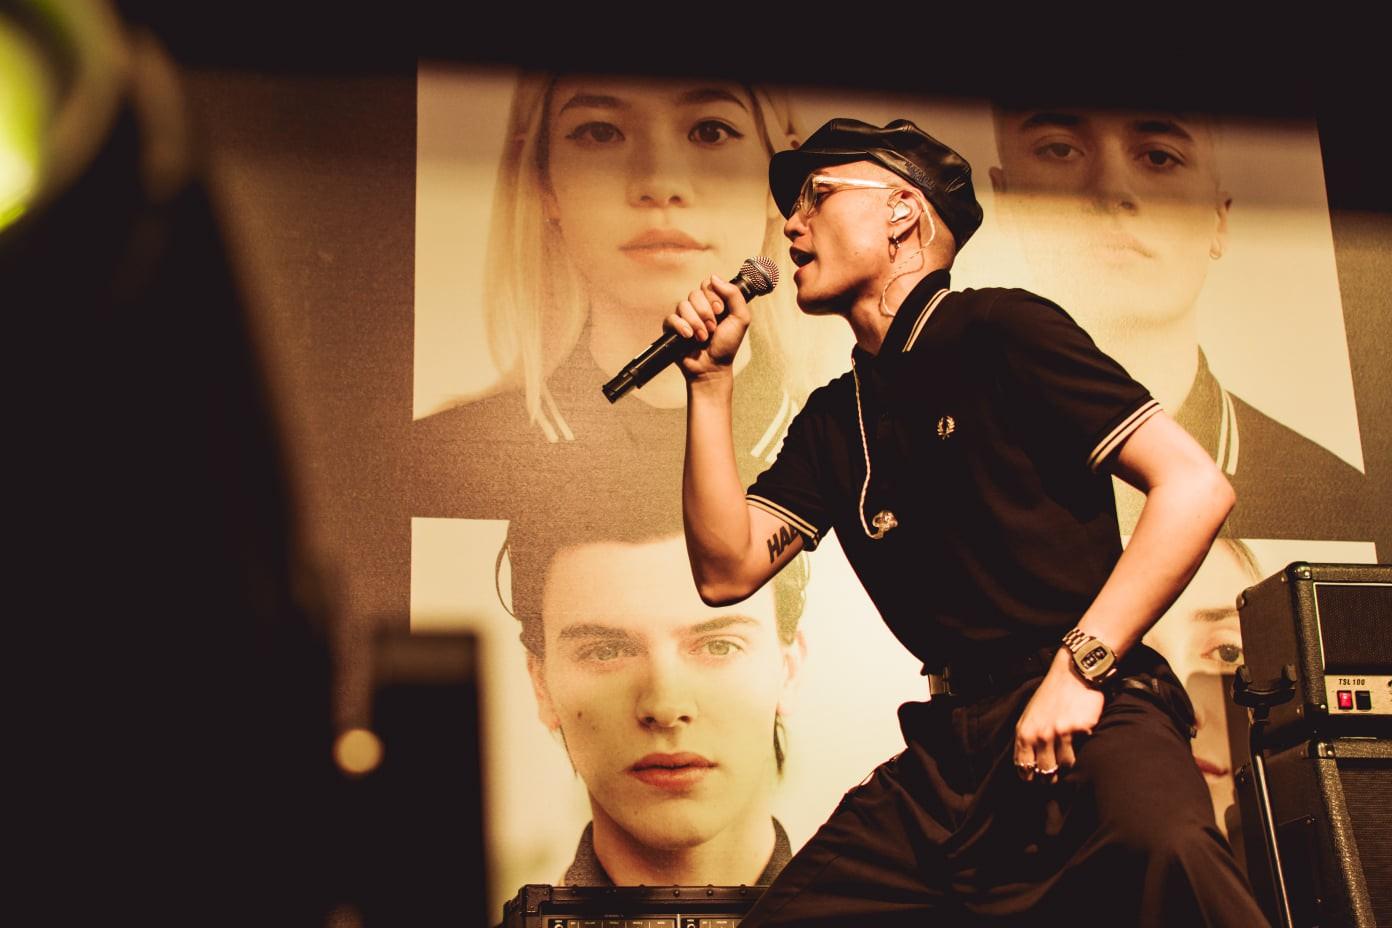 用音乐来带动品牌灵魂,让全世界看的到台湾!带你回顾 YELLOW LIVE PRESENTED BY FRED PERRY!